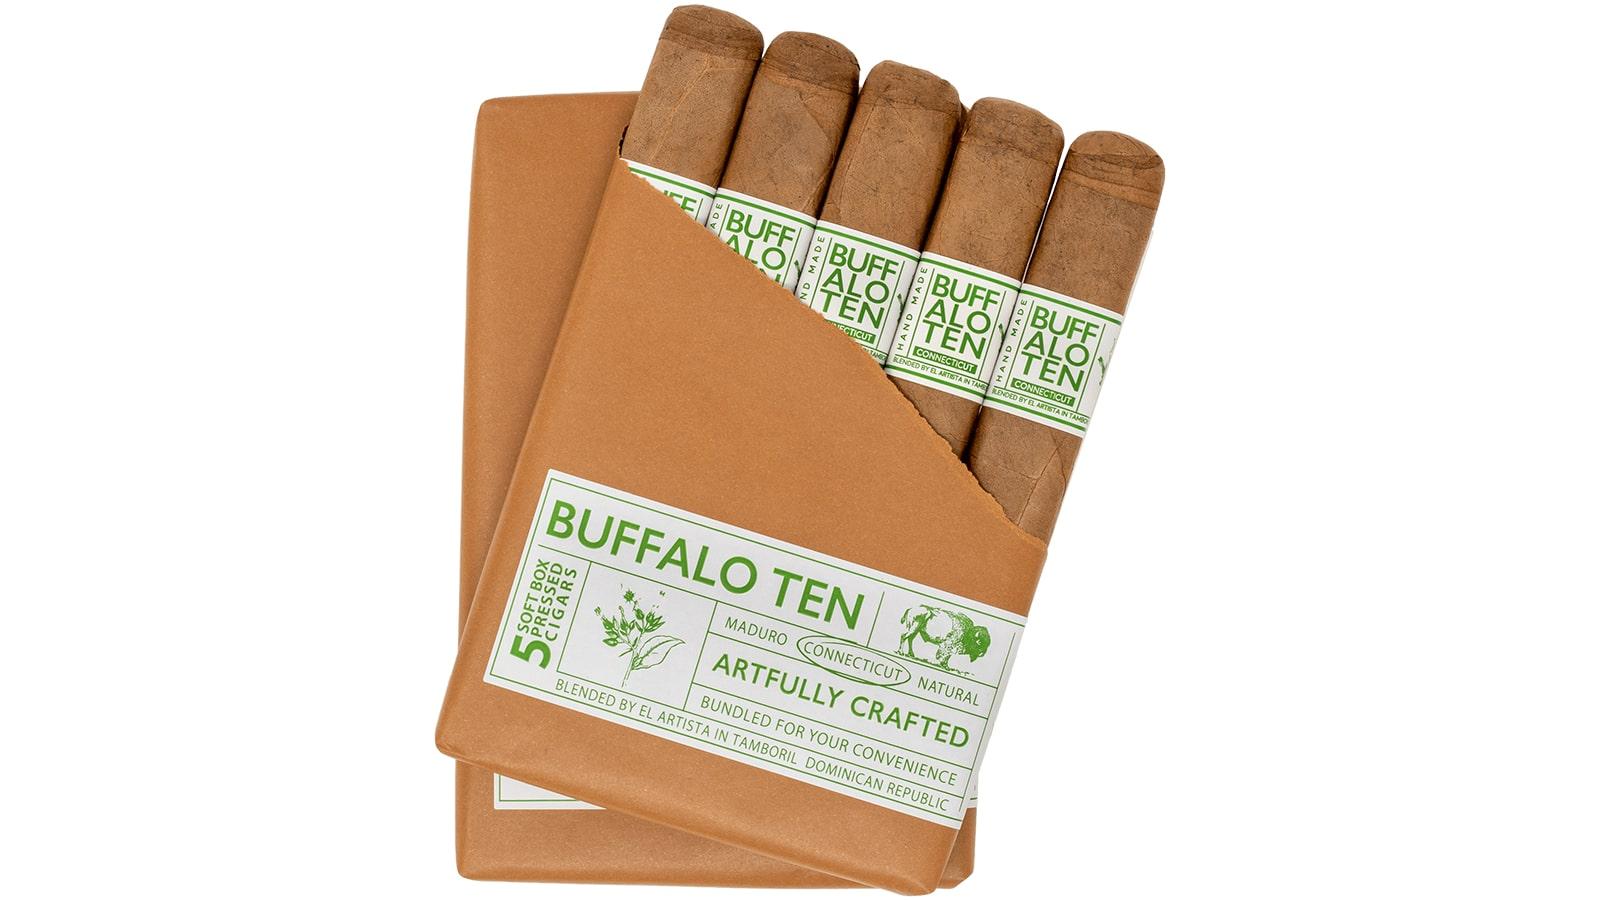 Buffalo Ten Connecticut